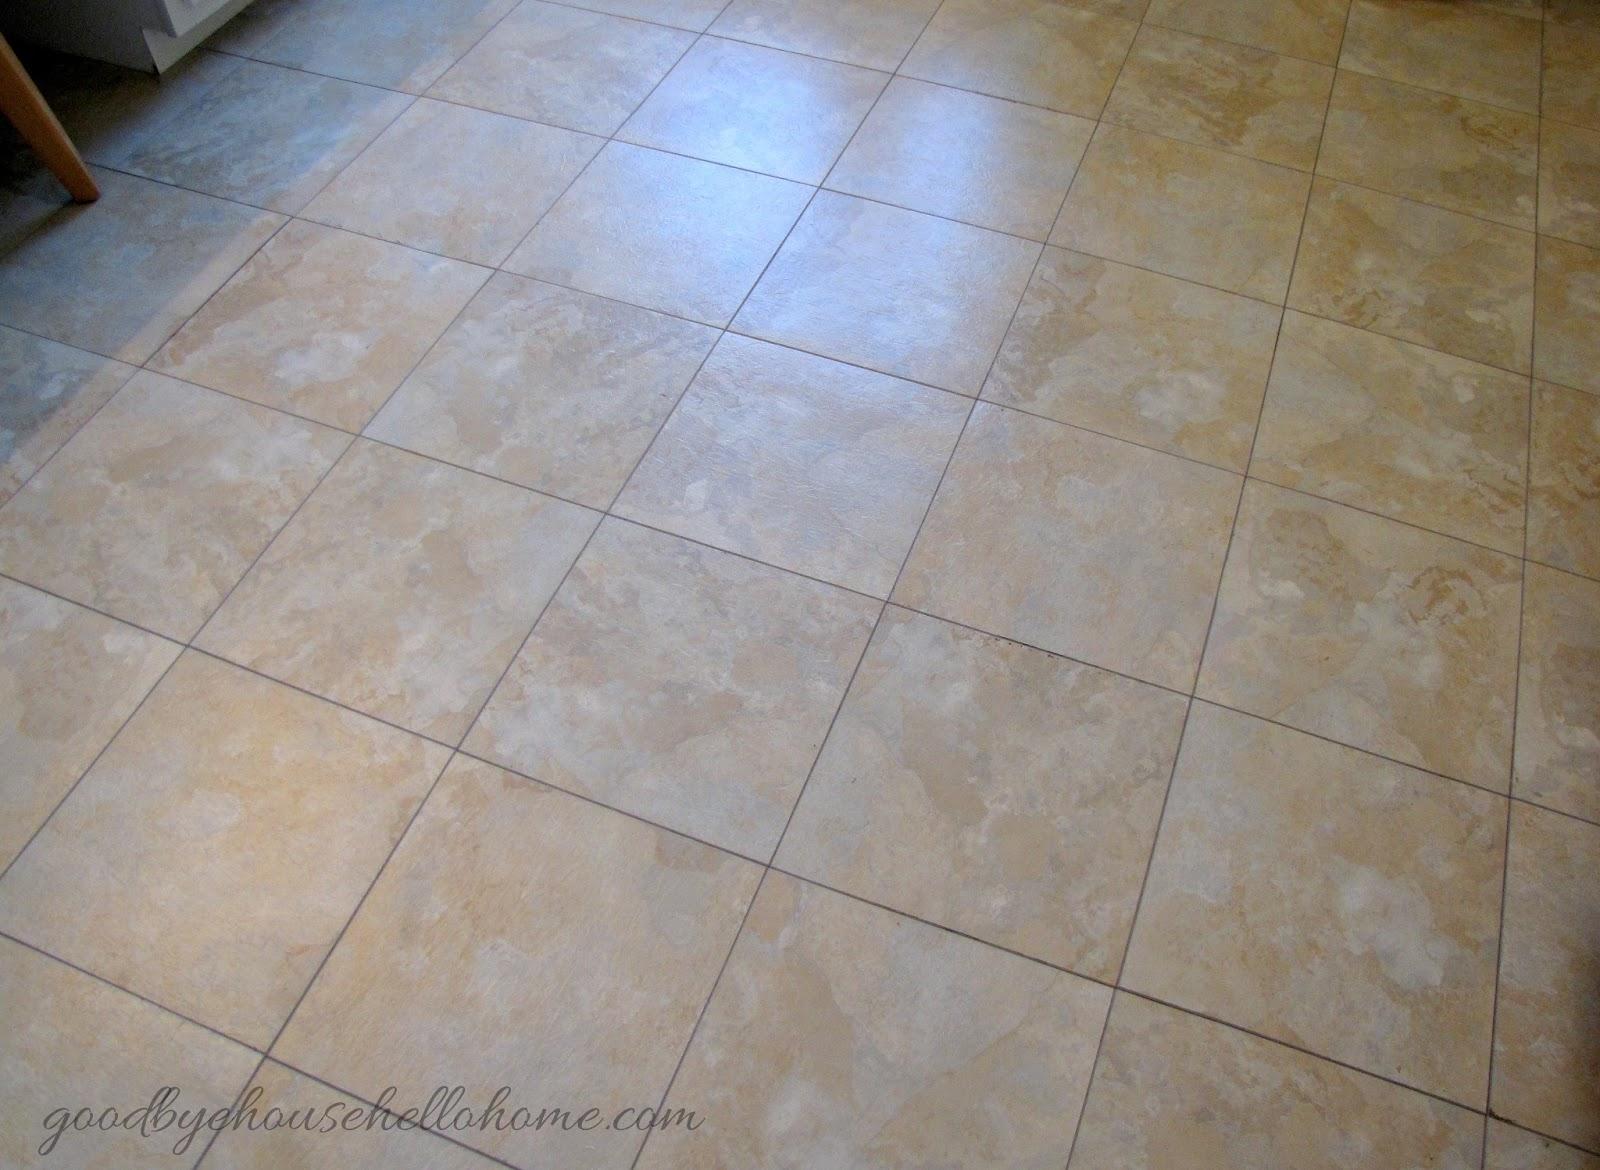 How To Install Backsplash Tile Sheets